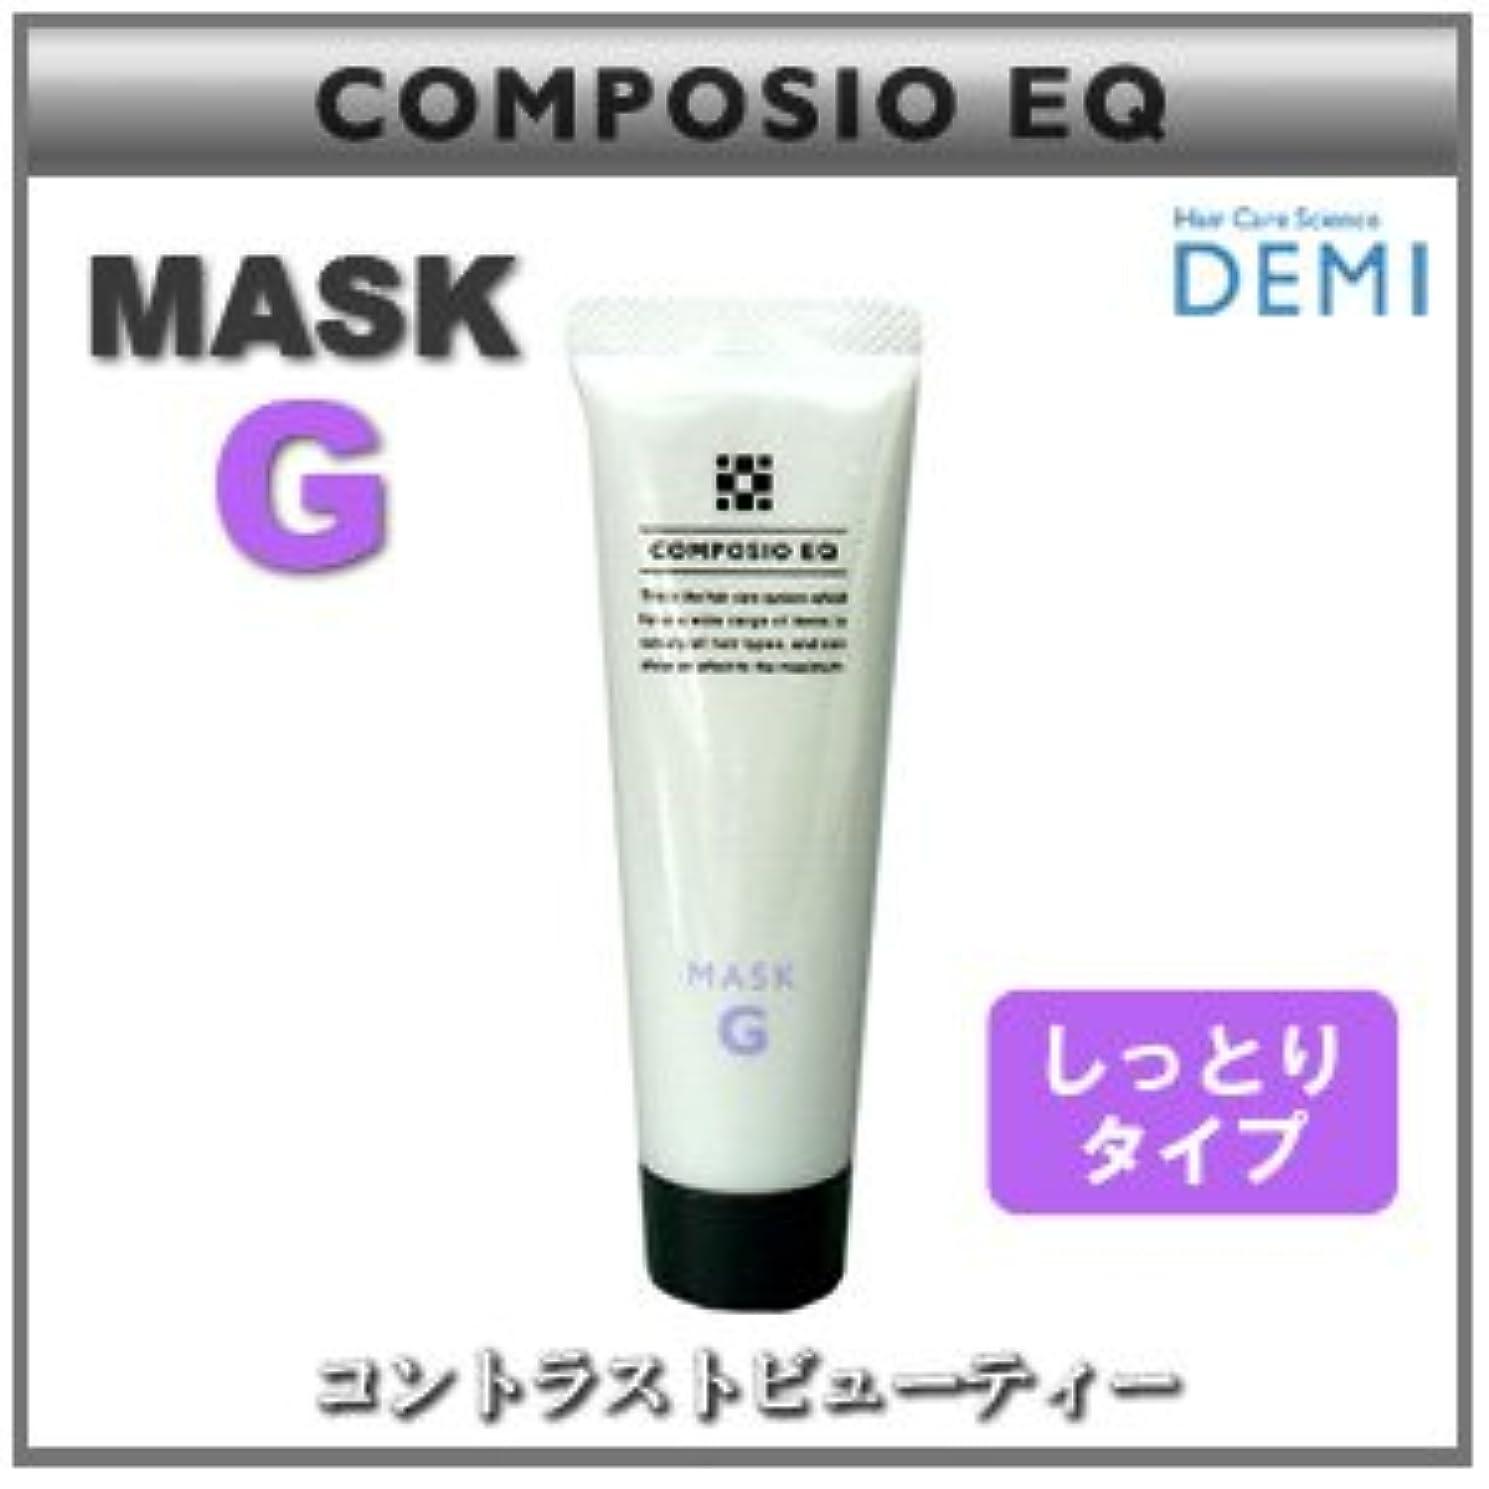 火山ディレクトリ昼間【X2個セット】 デミ コンポジオ EQ マスク G 50g